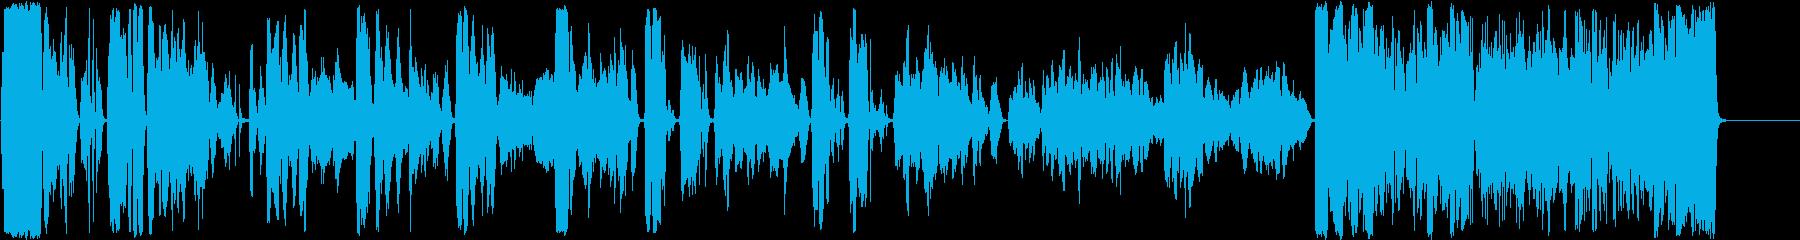 クラシック ハイテク 気分が良い ...の再生済みの波形